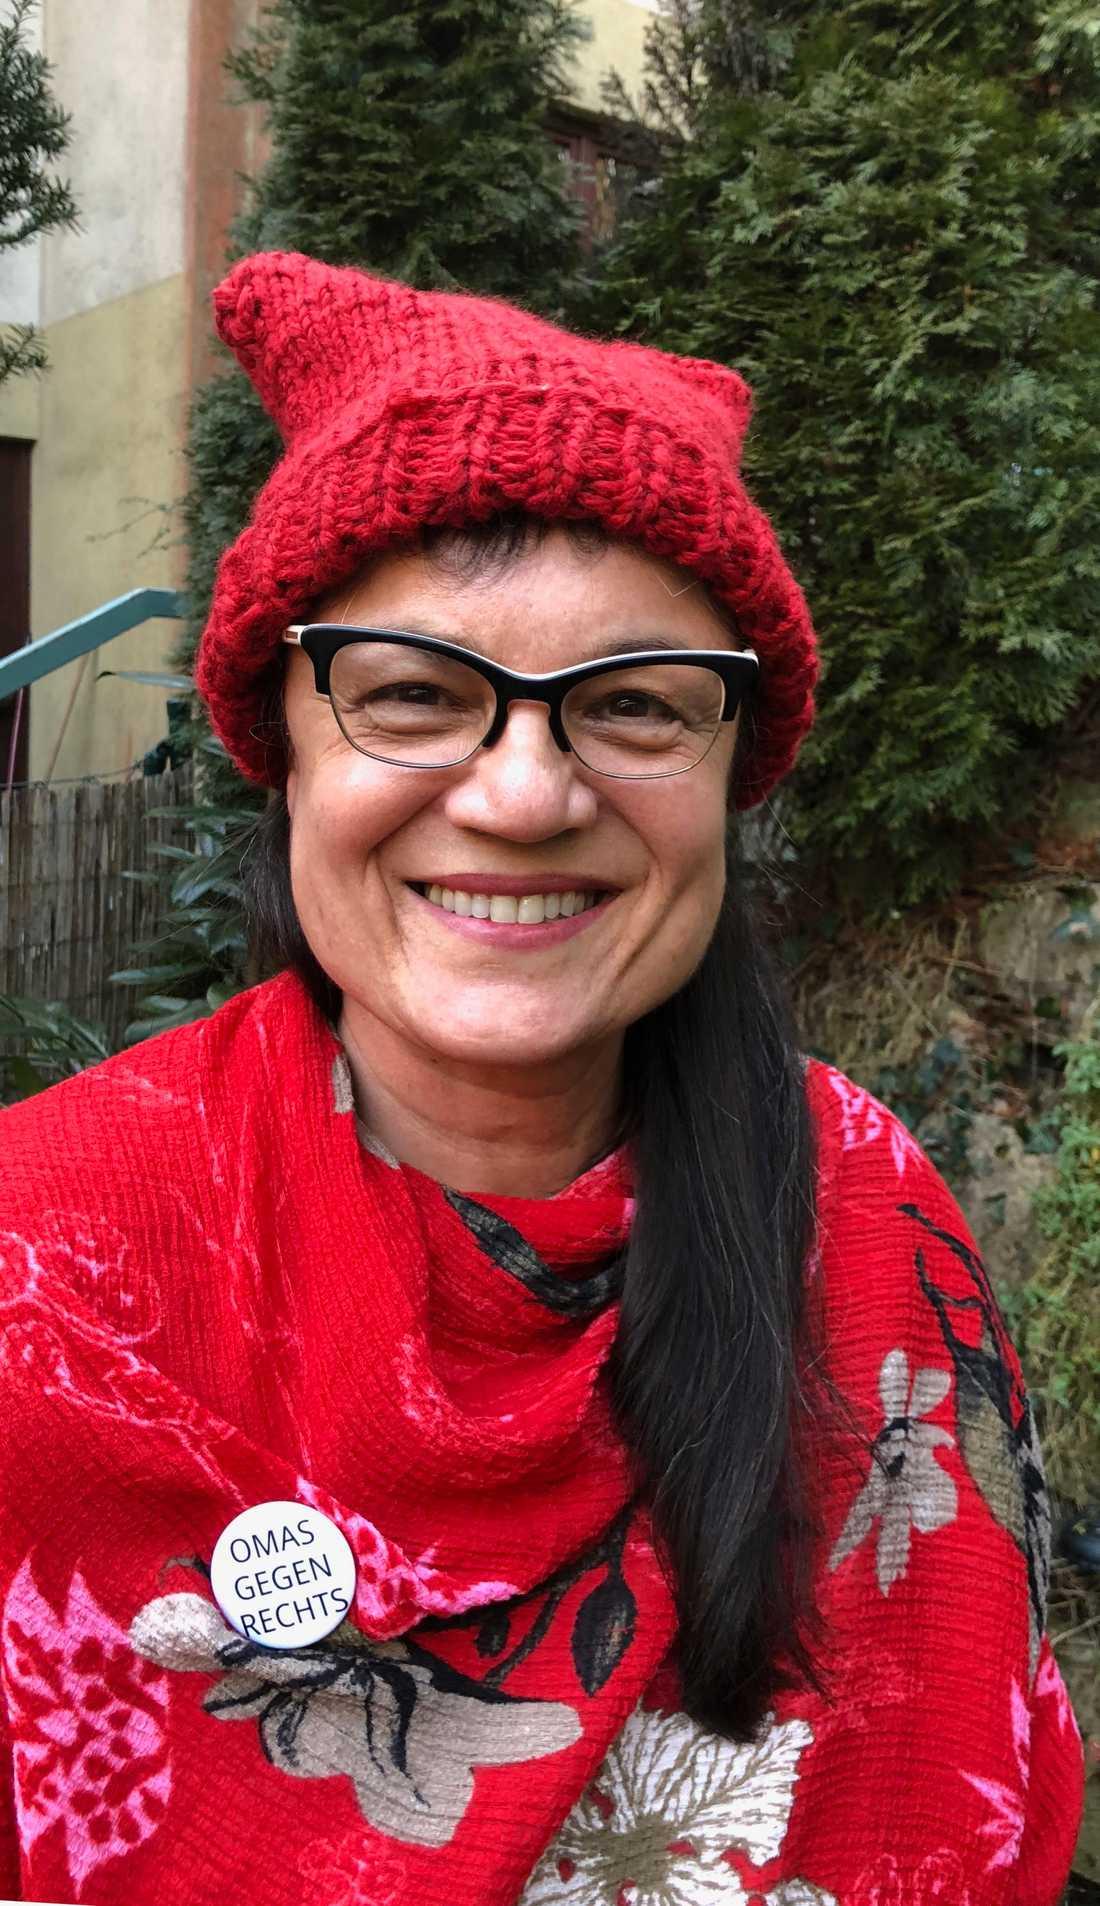 """Karin Hilliard är en av kvinnorna bakom """"Omas gegen rechts"""", som protesterar mot rasism och främlingsfientlighet i Österrike."""